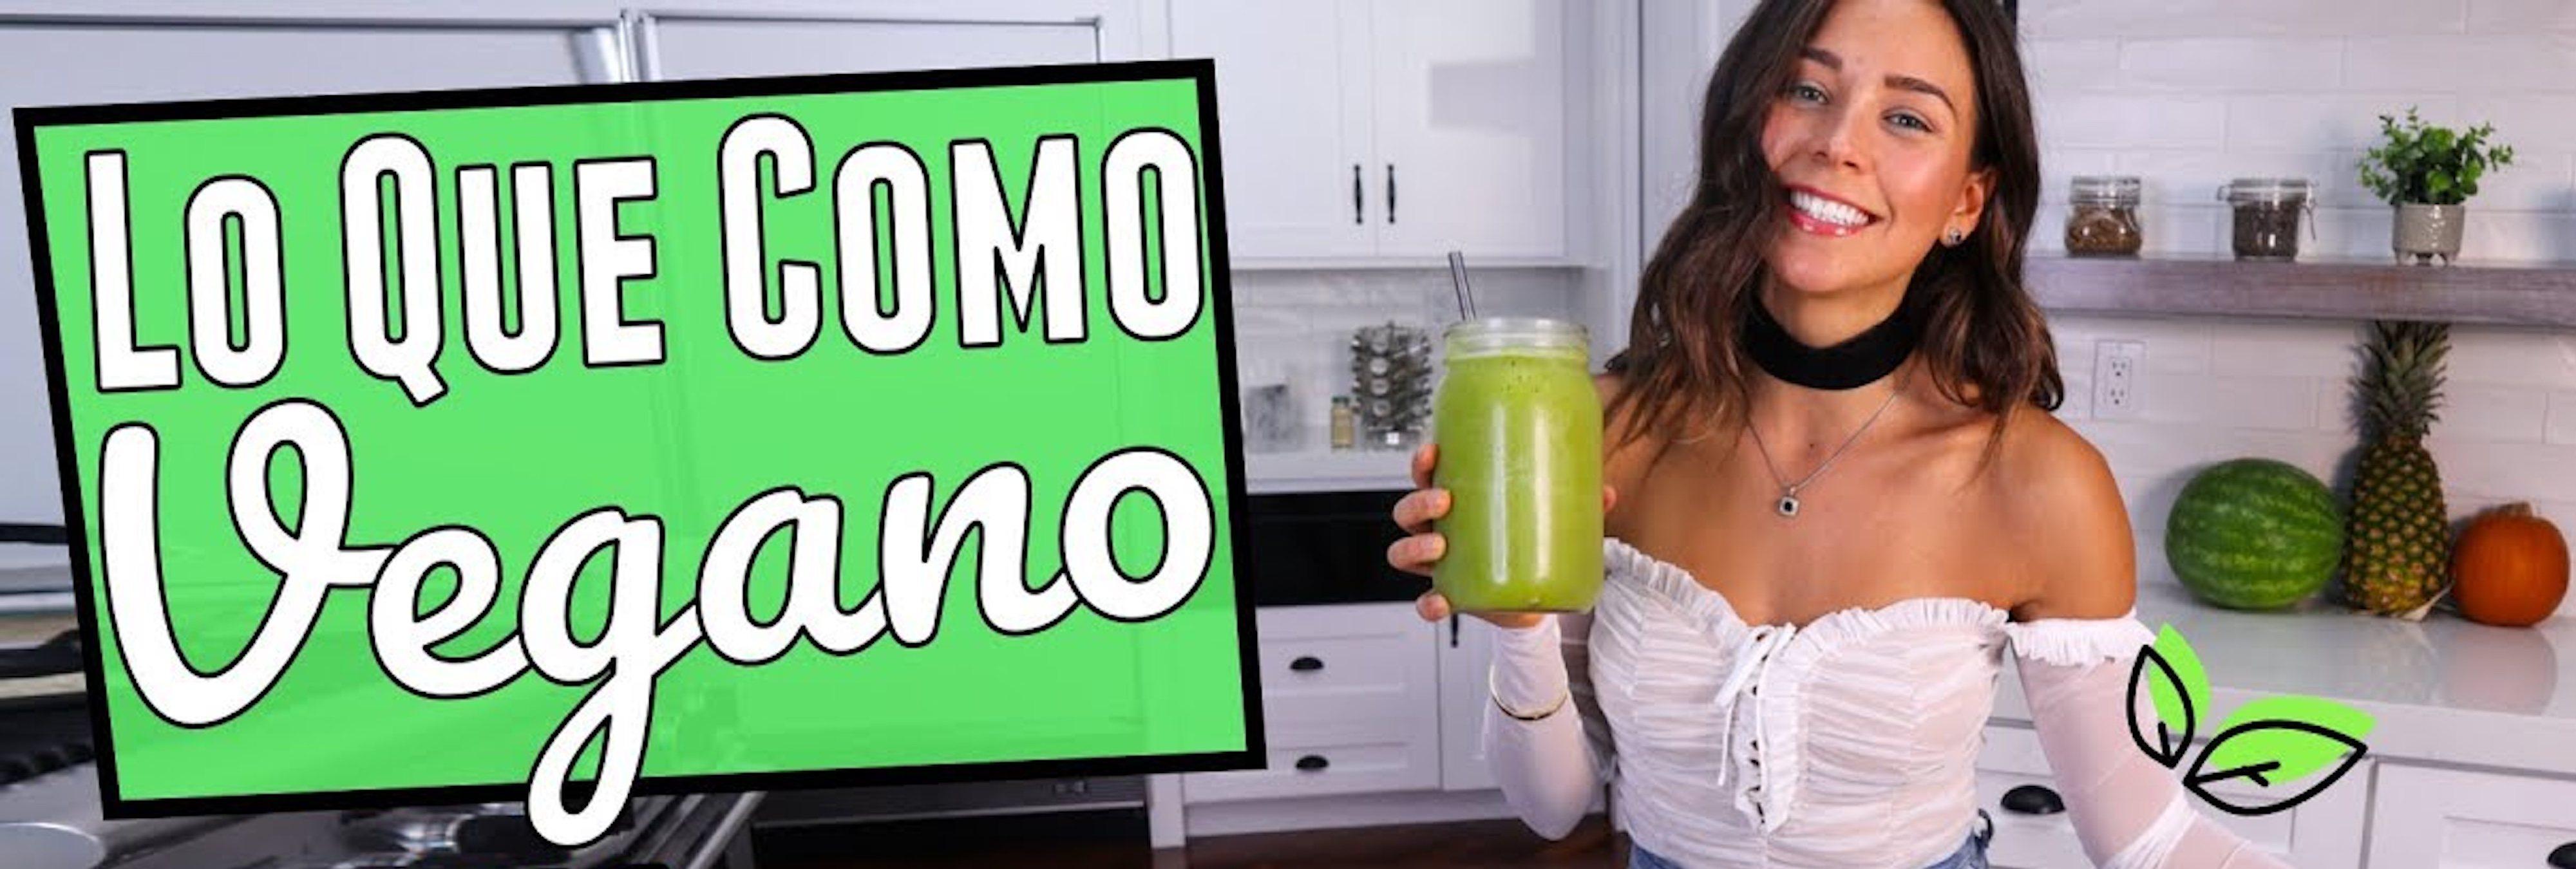 Las redes estallan contra una famosa youtuber 'vegana' tras descubrirla comiendo pescado